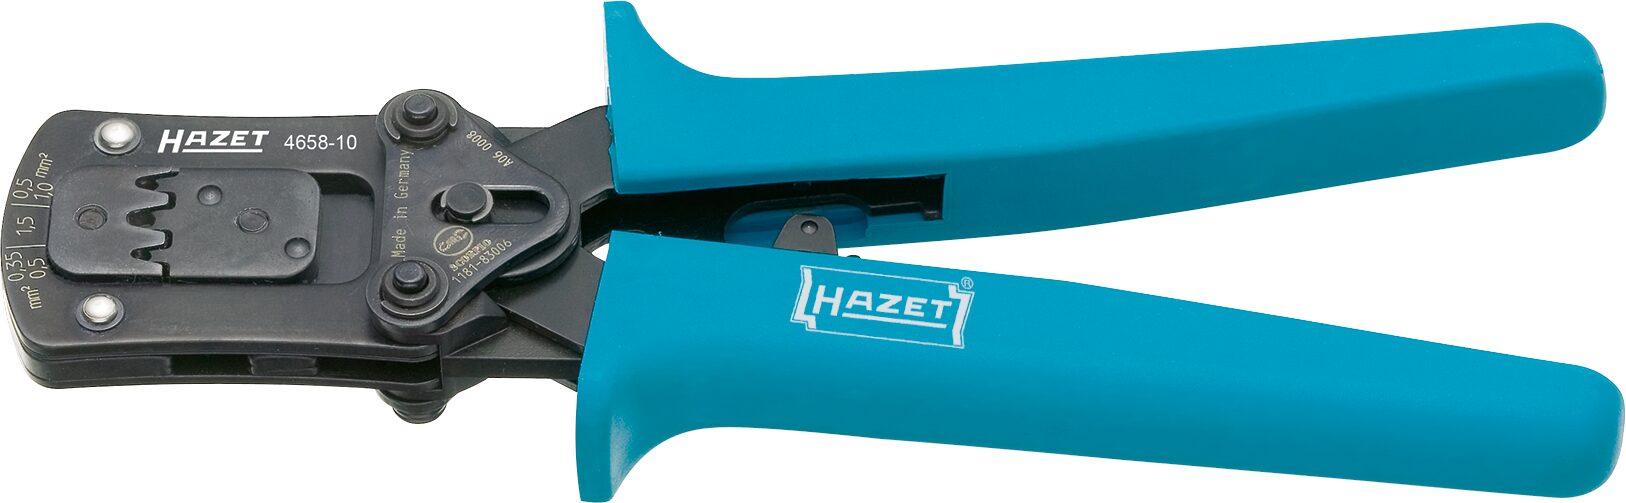 HAZET Crimp-Zange 4658-10